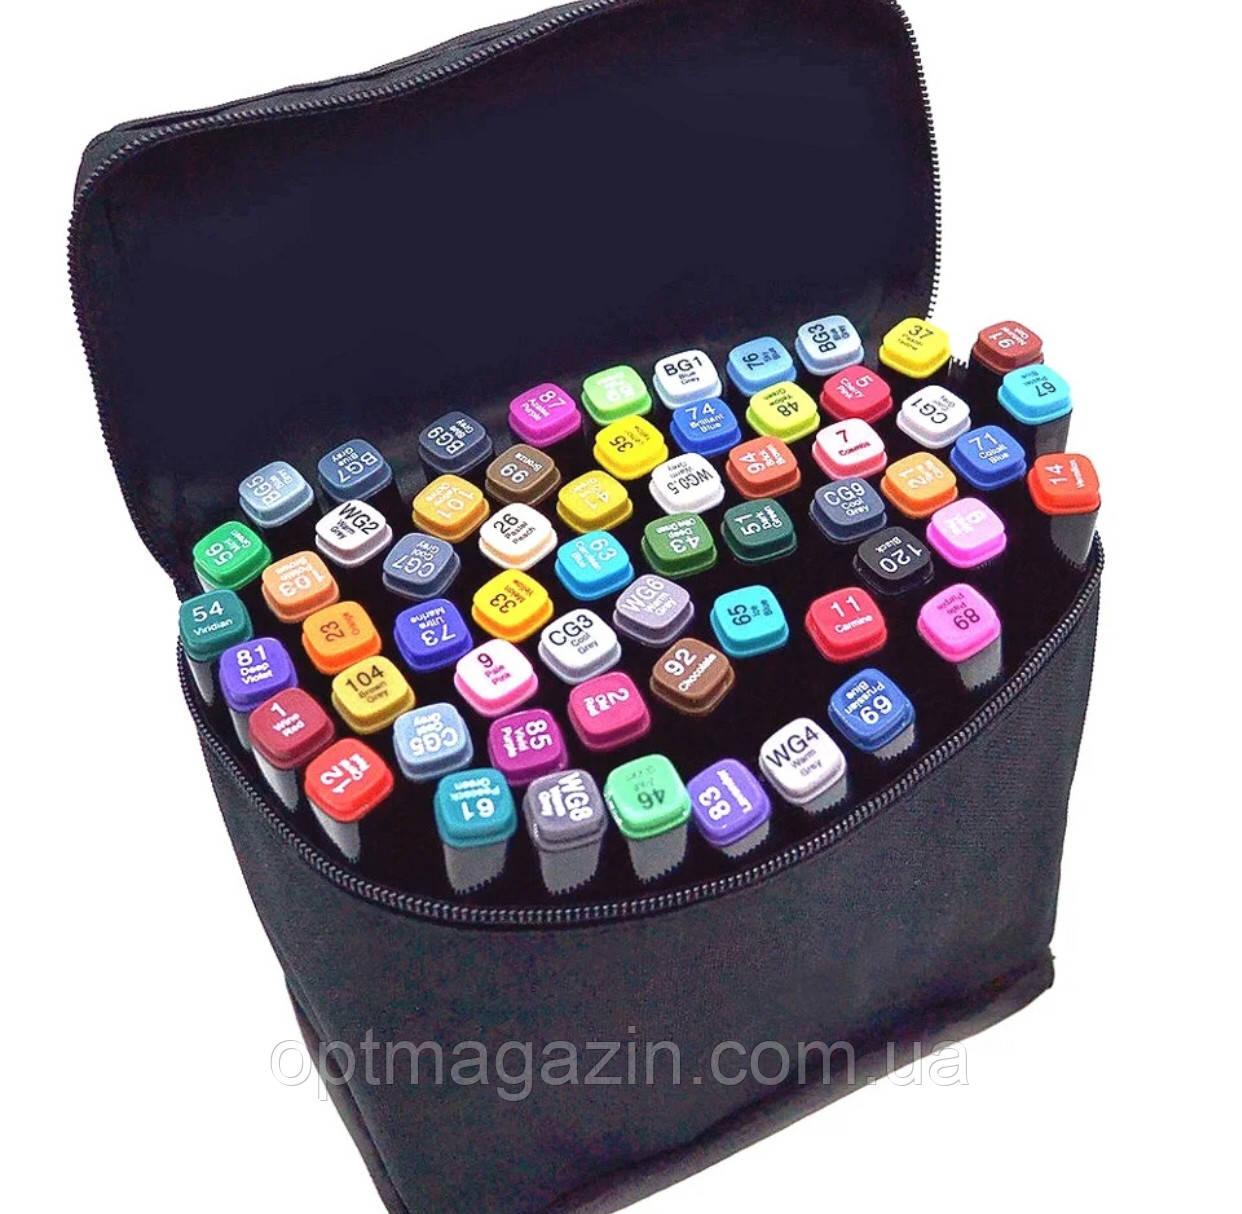 Набір скетч-маркерів Touch sketchmarker 120 шт. (TOUCH120-BL)   Набір скетч-маркерів Touch sketchmarker